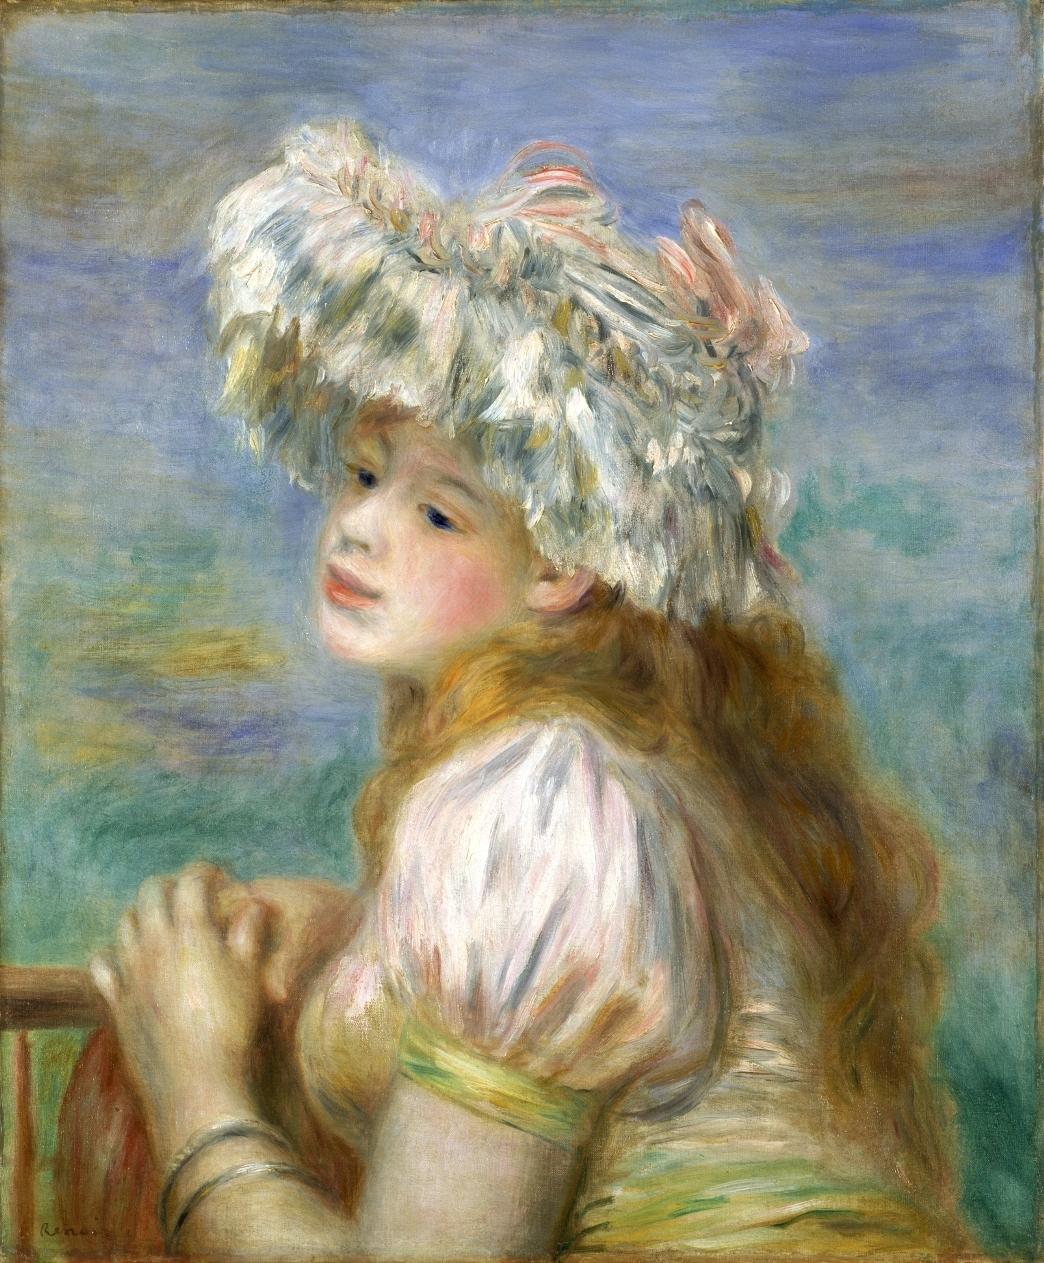 ピエール・オーギュスト・ルノワール《レースの帽子の少女》 1891年 ポーラ美術館蔵